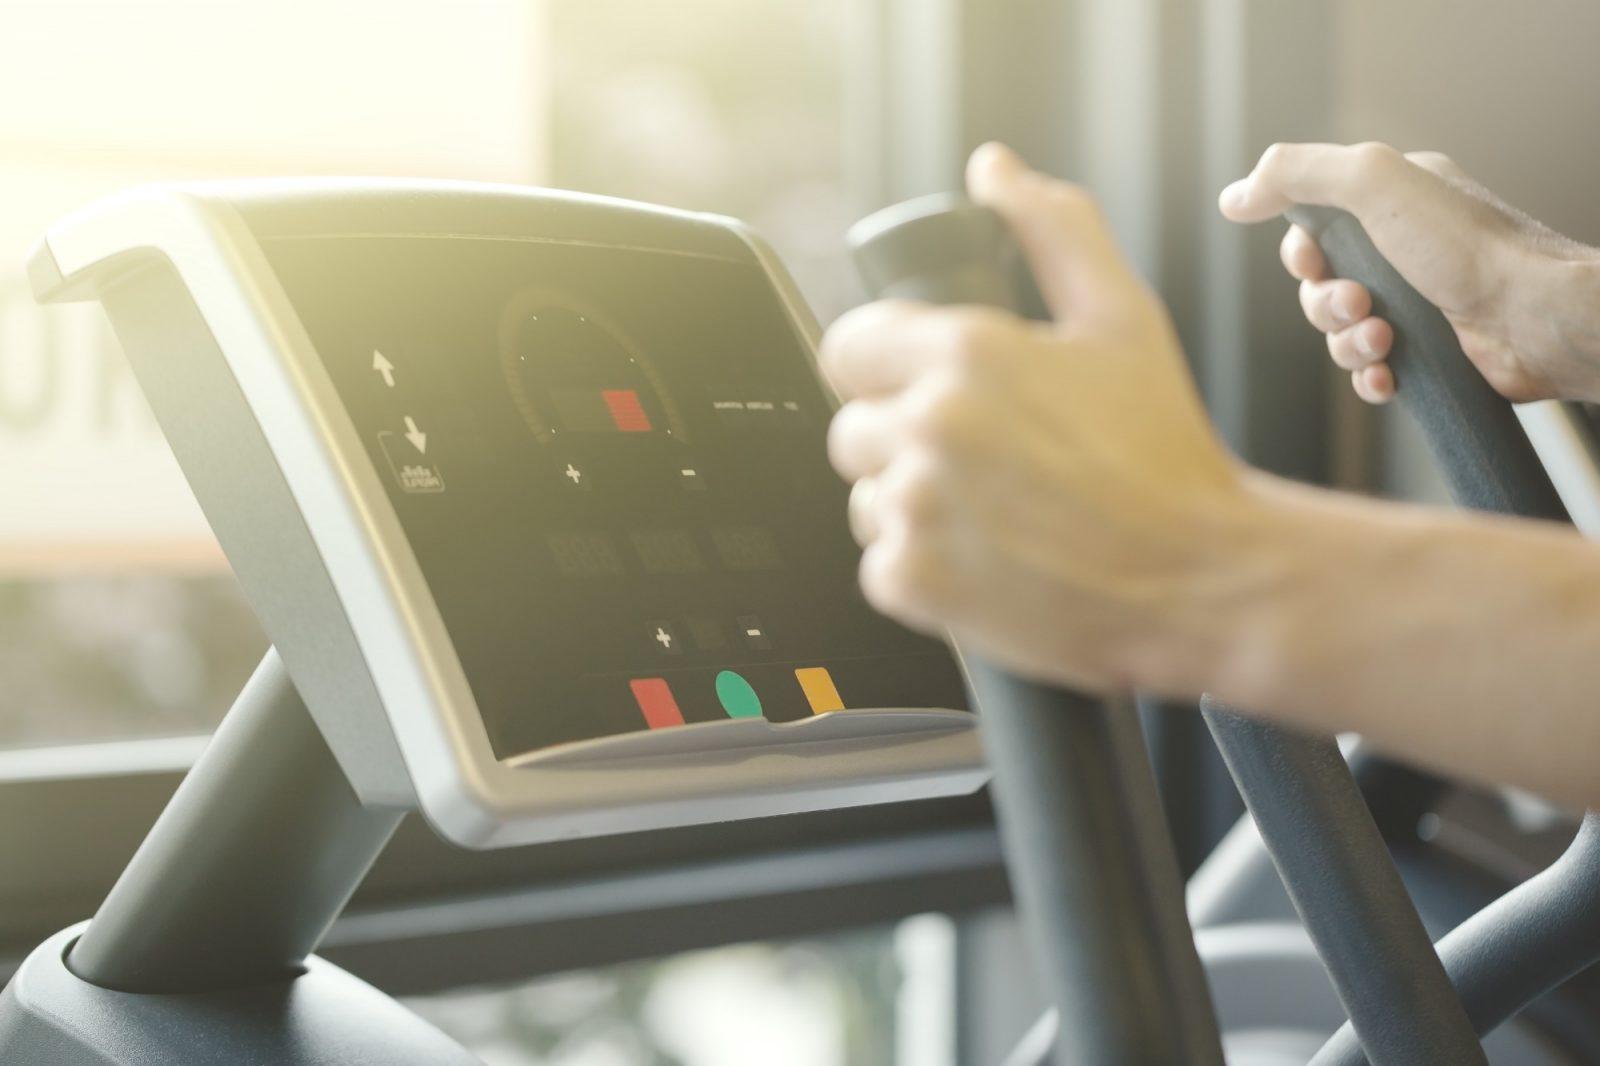 Rehabilitación cardíaca, una práctica útil para la vida